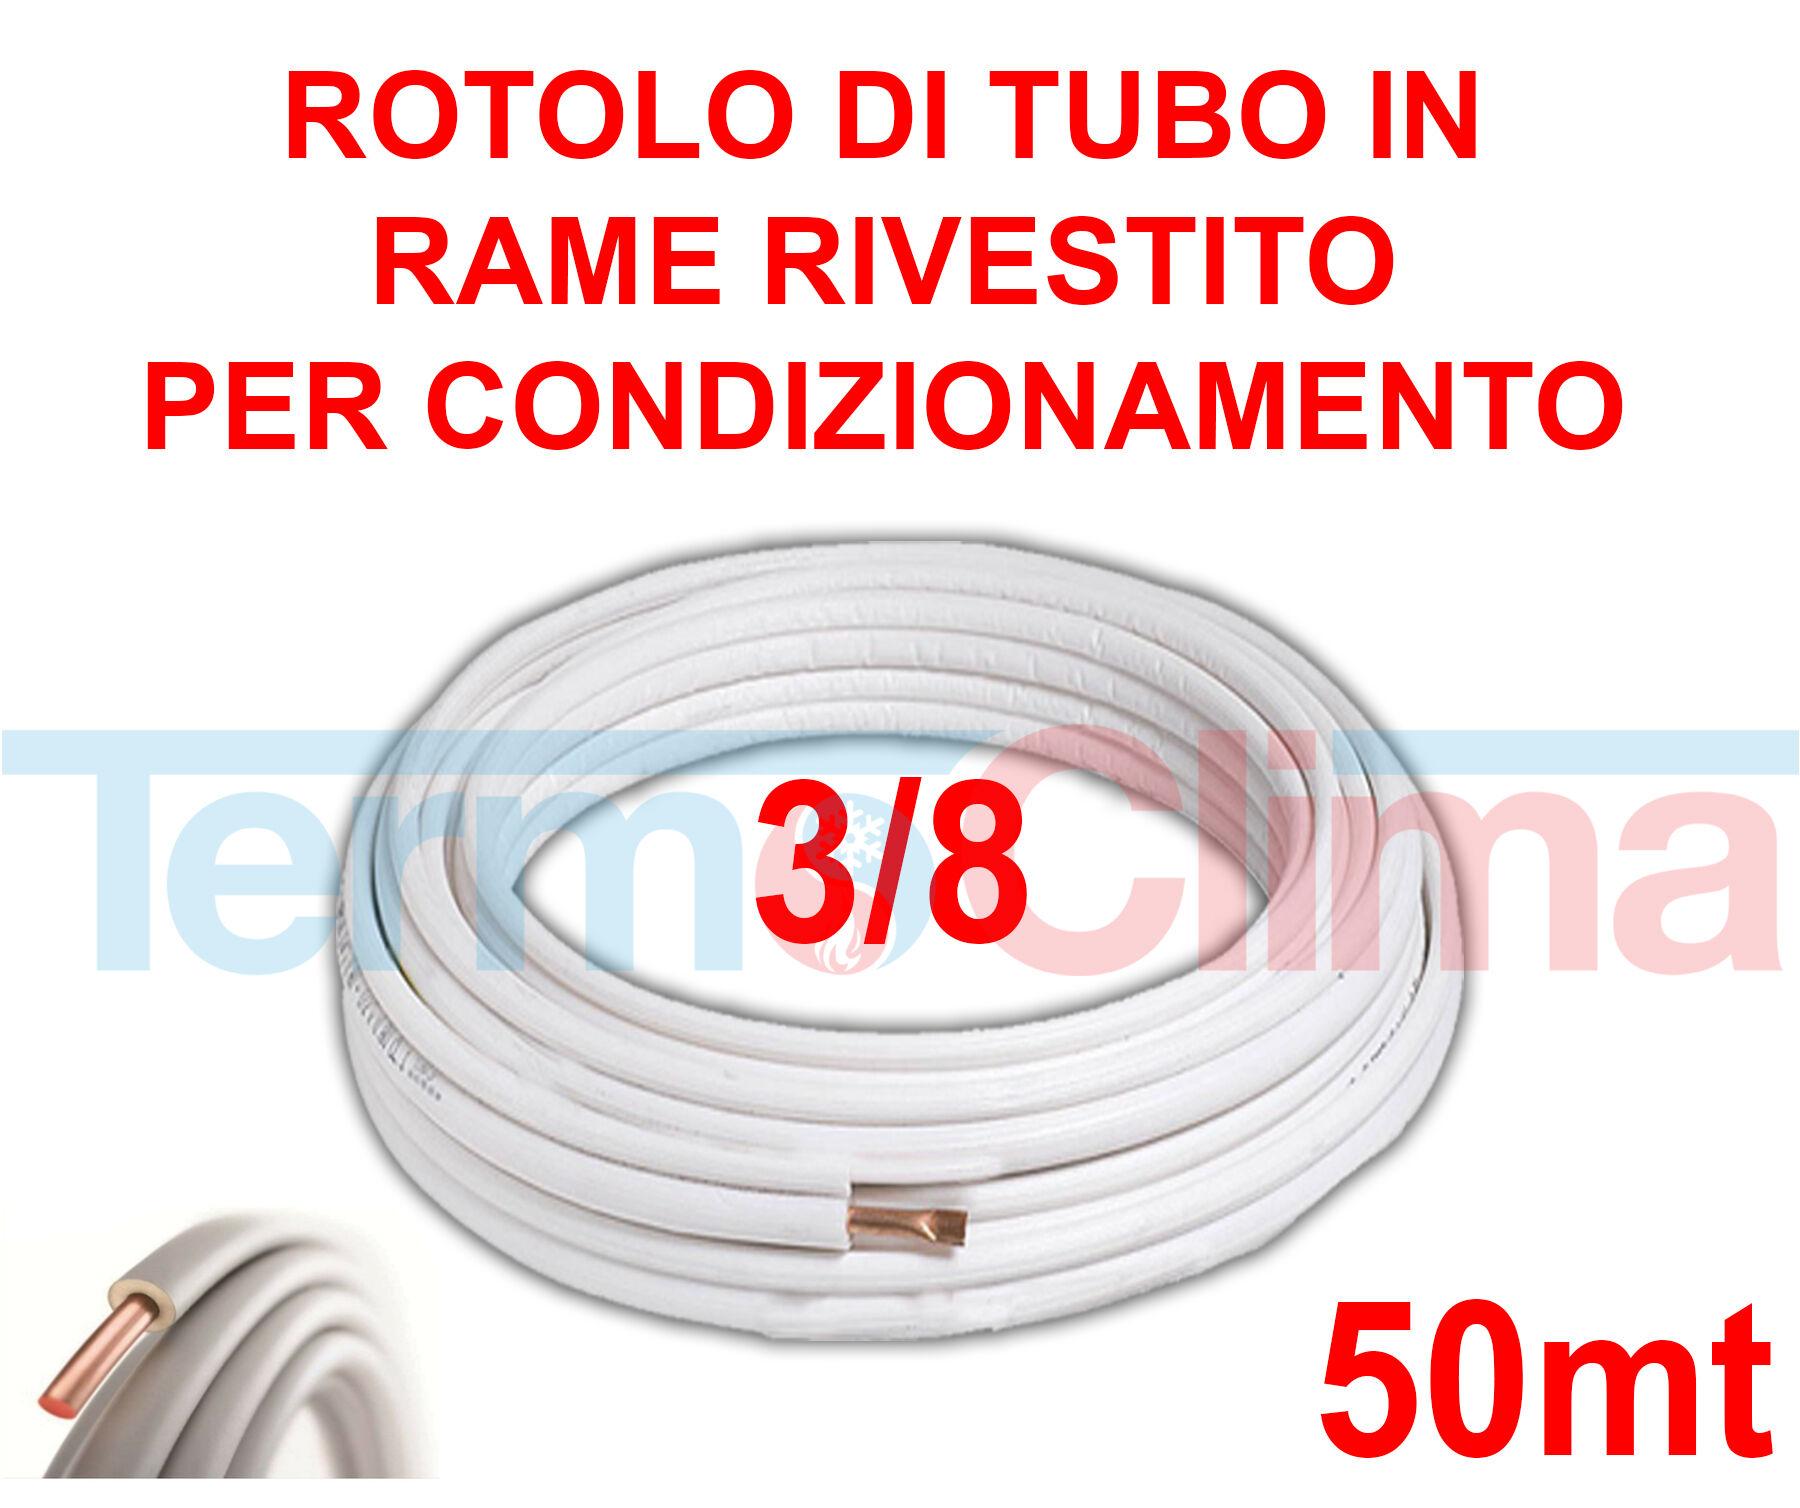 Rotolo Di Tubo In Rame 50 Metri Per Condizionatore Climatizzatore Rivestito Per Condizionamento Rotolo Da 50 Mt 38 Spessore 08mm